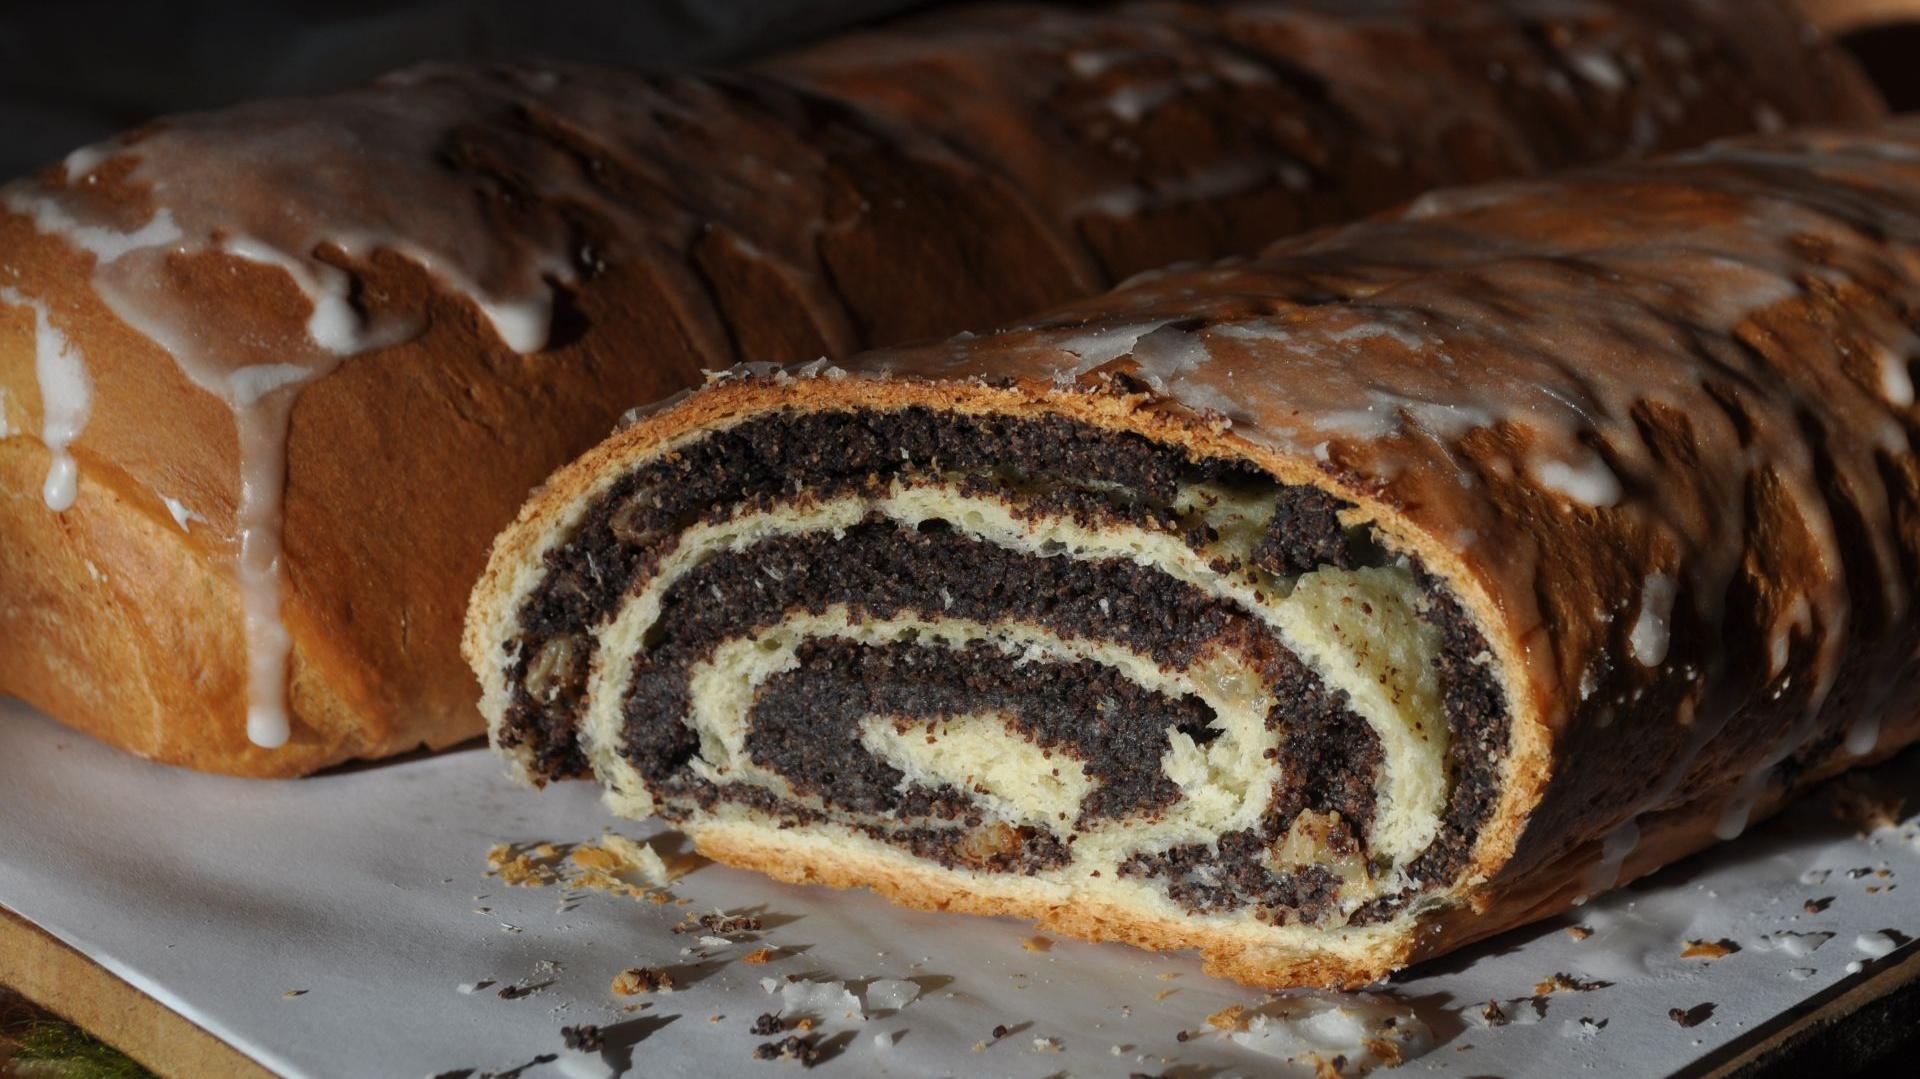 Makowiec to tradycyjne polskie ciasto pieczone w okresie Bożego Narodzenia. Fot. Radosław Kożuszek.